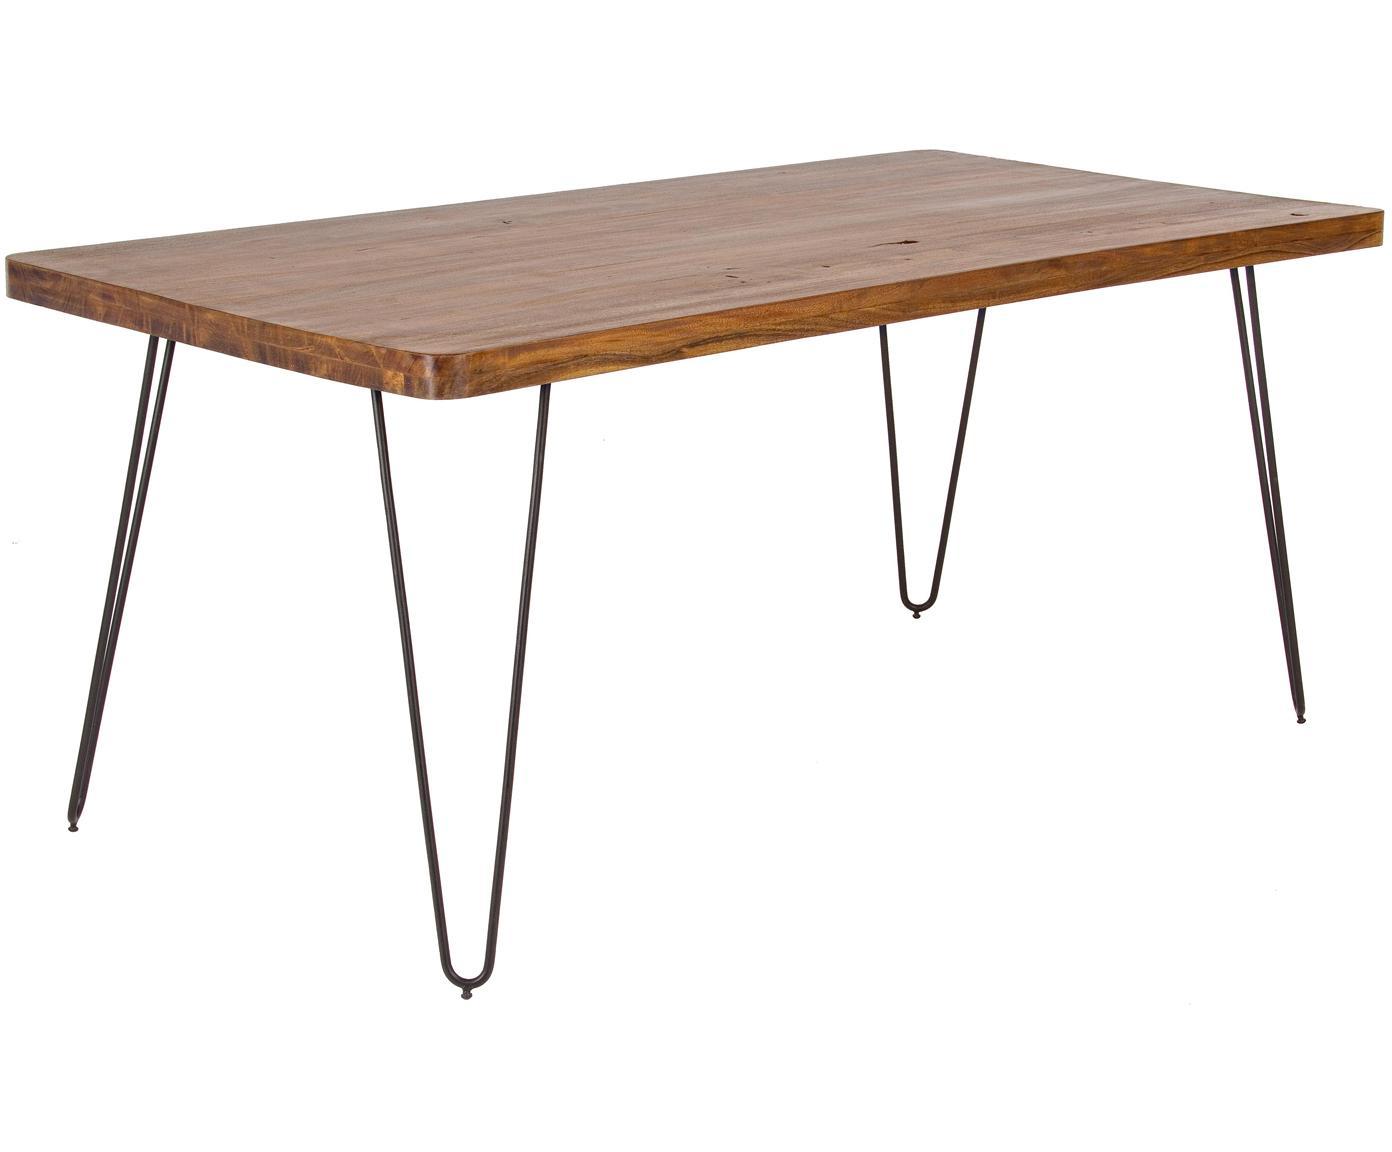 Eettafel Edgar met massief houten blad, Tafelblad: acaciahout, Poten: metaal, Acaciahoutkleurig, zwart, B 175 x D 90 cm